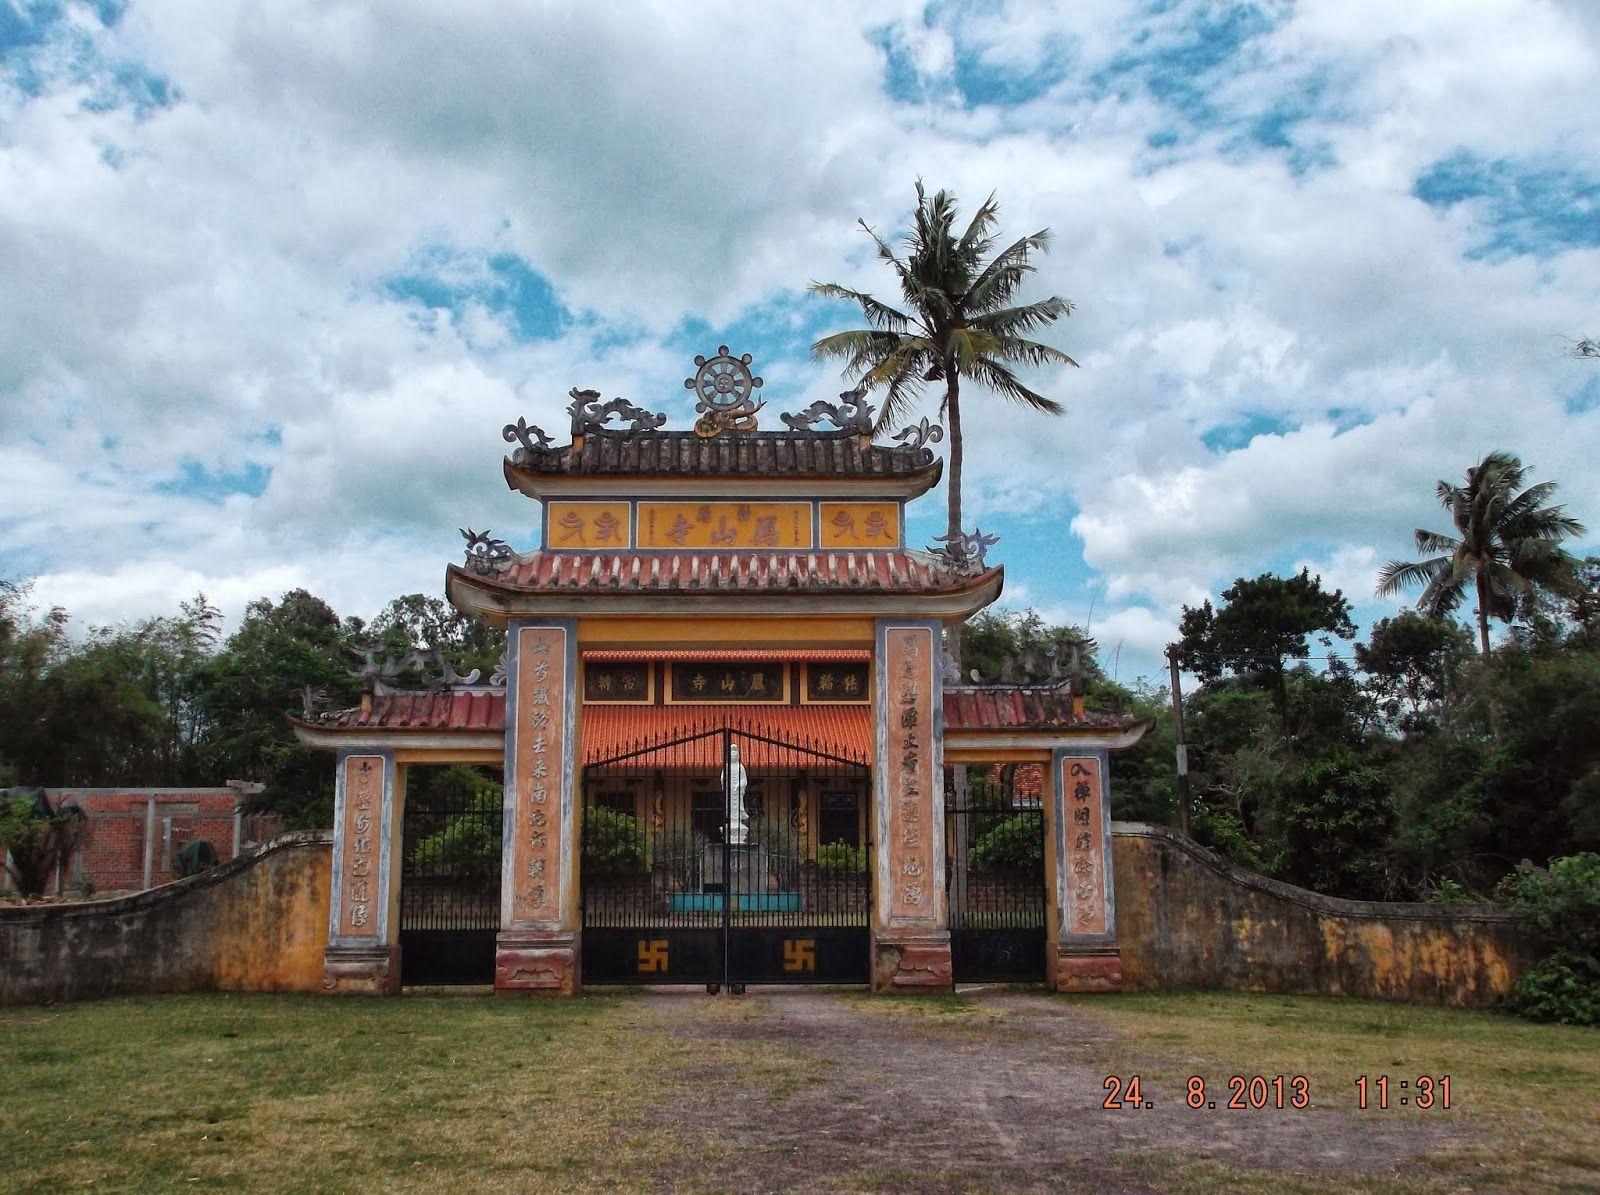 Tam quan chùa Nhạn Sơn Bình Định